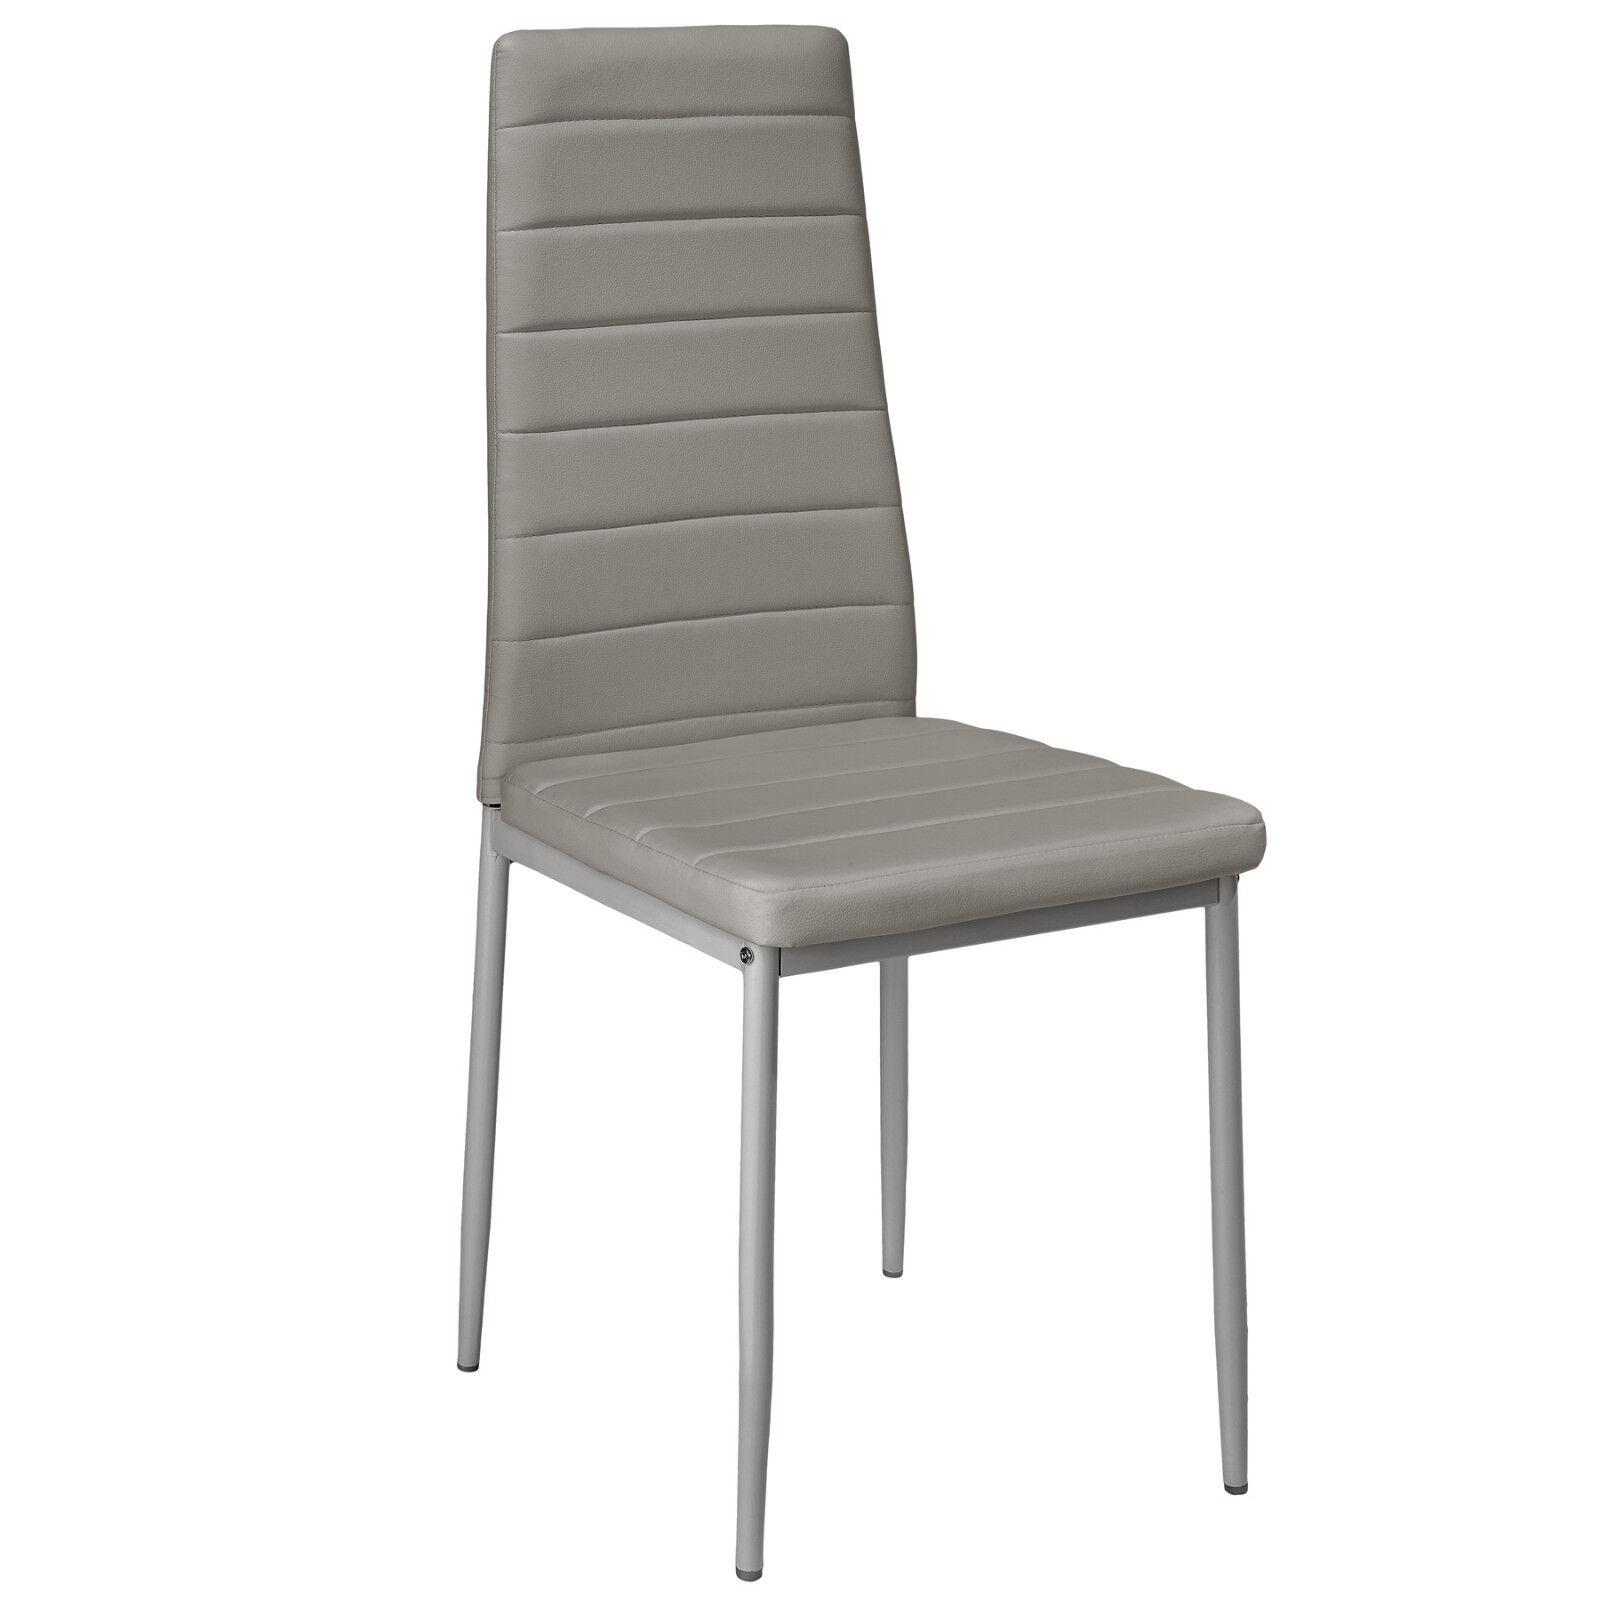 6x esszimmerstuhl set st hle k chenstuhl hochlehner for Hochlehner stuhl